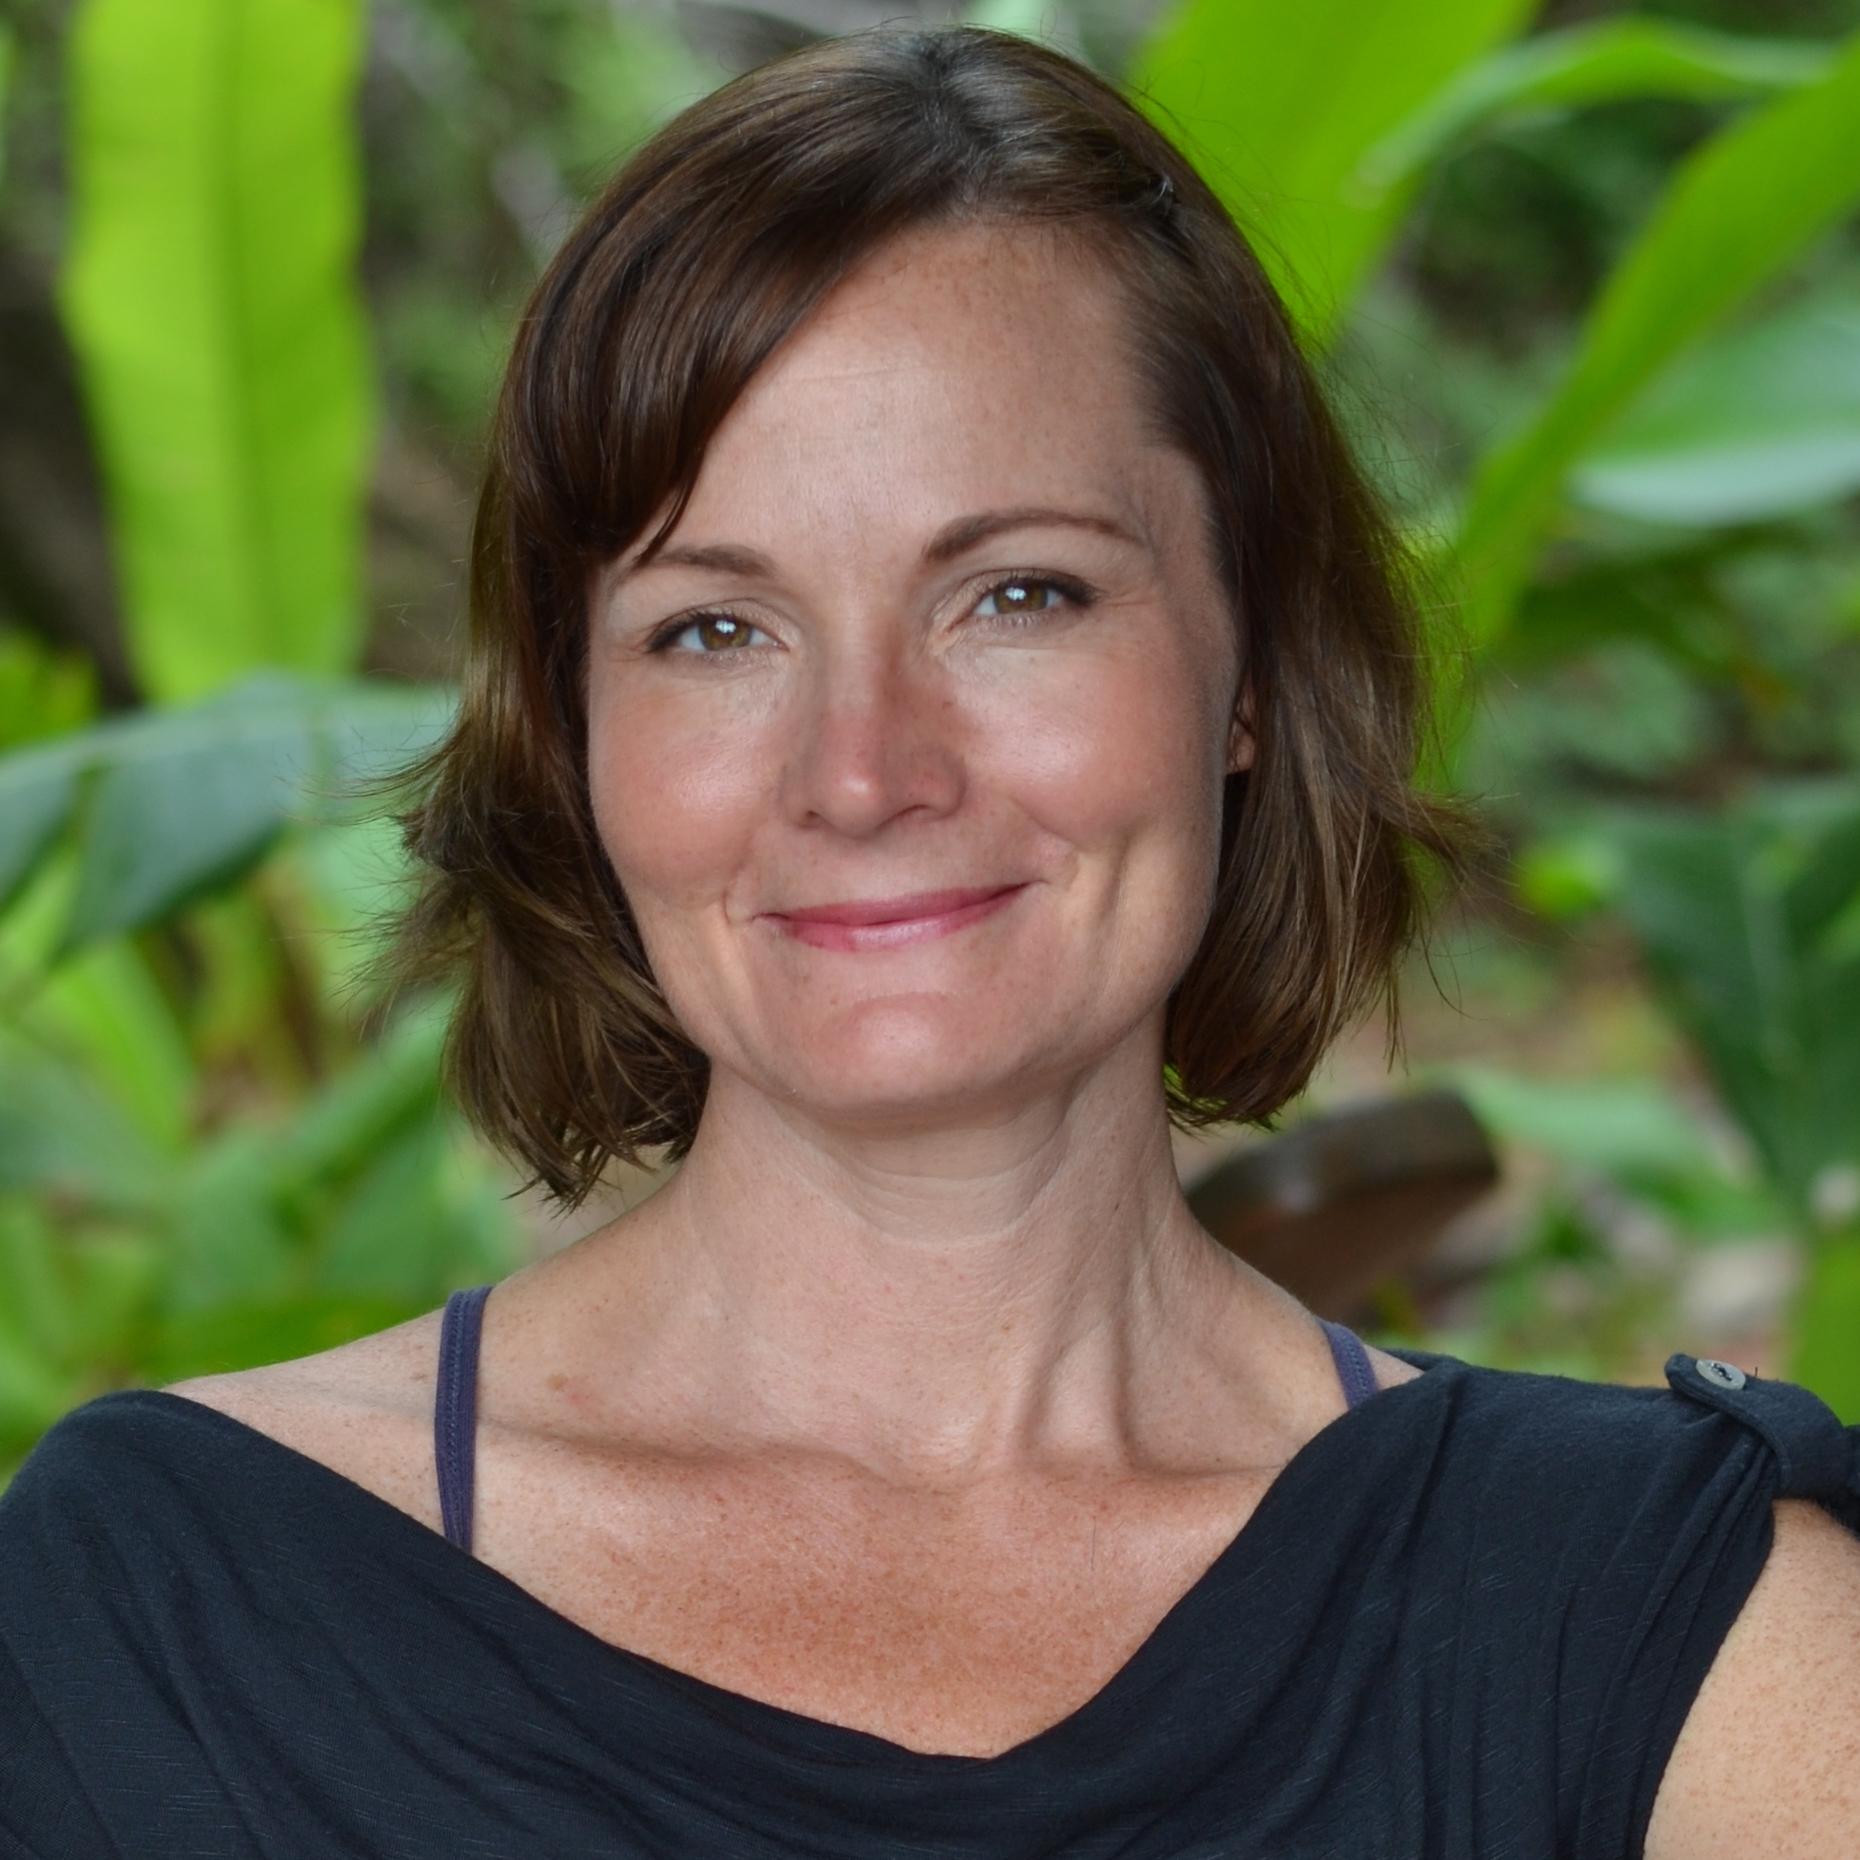 Jessica Steinbomer